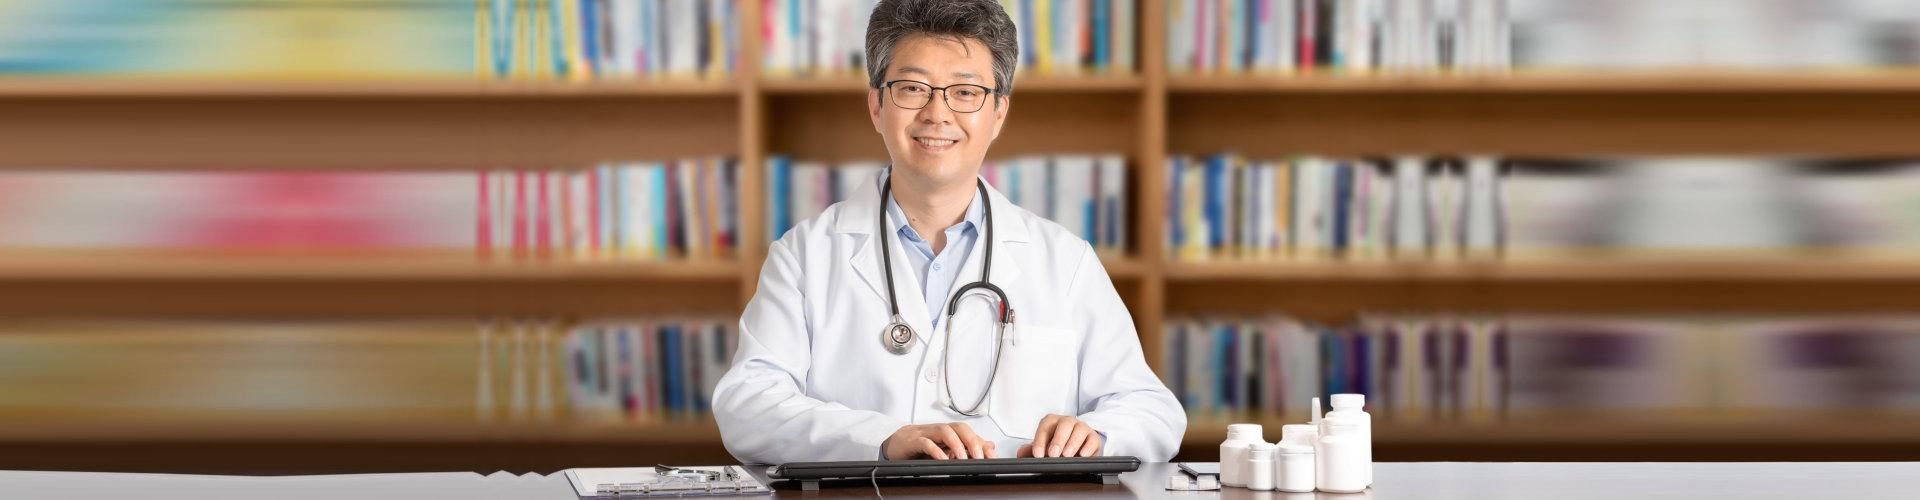 happy doctor using his desktop computer